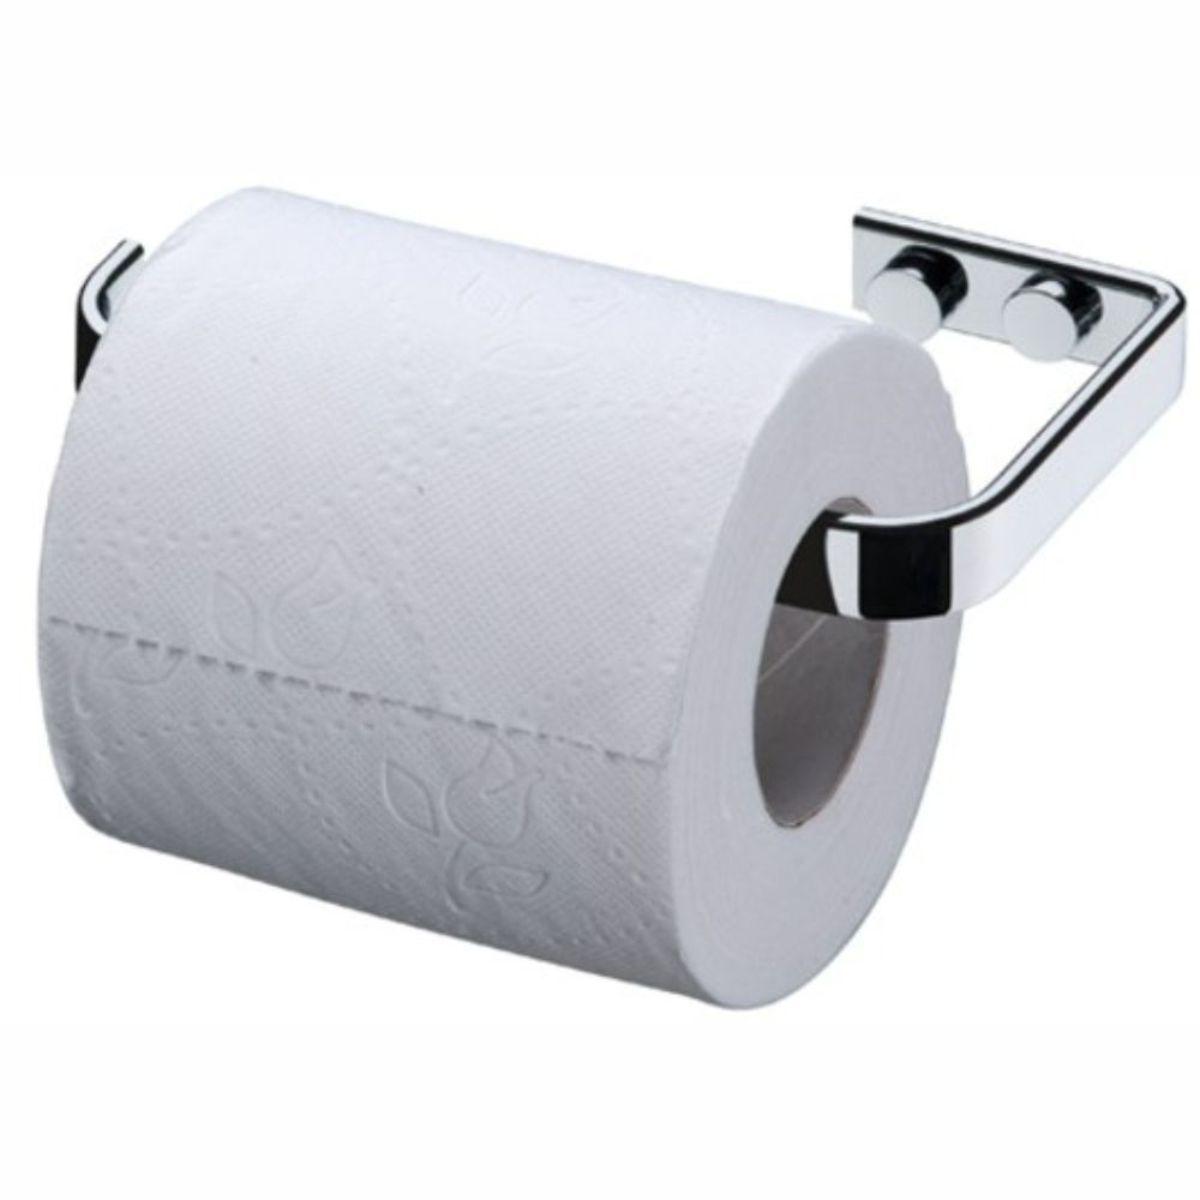 Kit Suportes Banheiro 4 Peças Cabide Papeleira Toalheiros